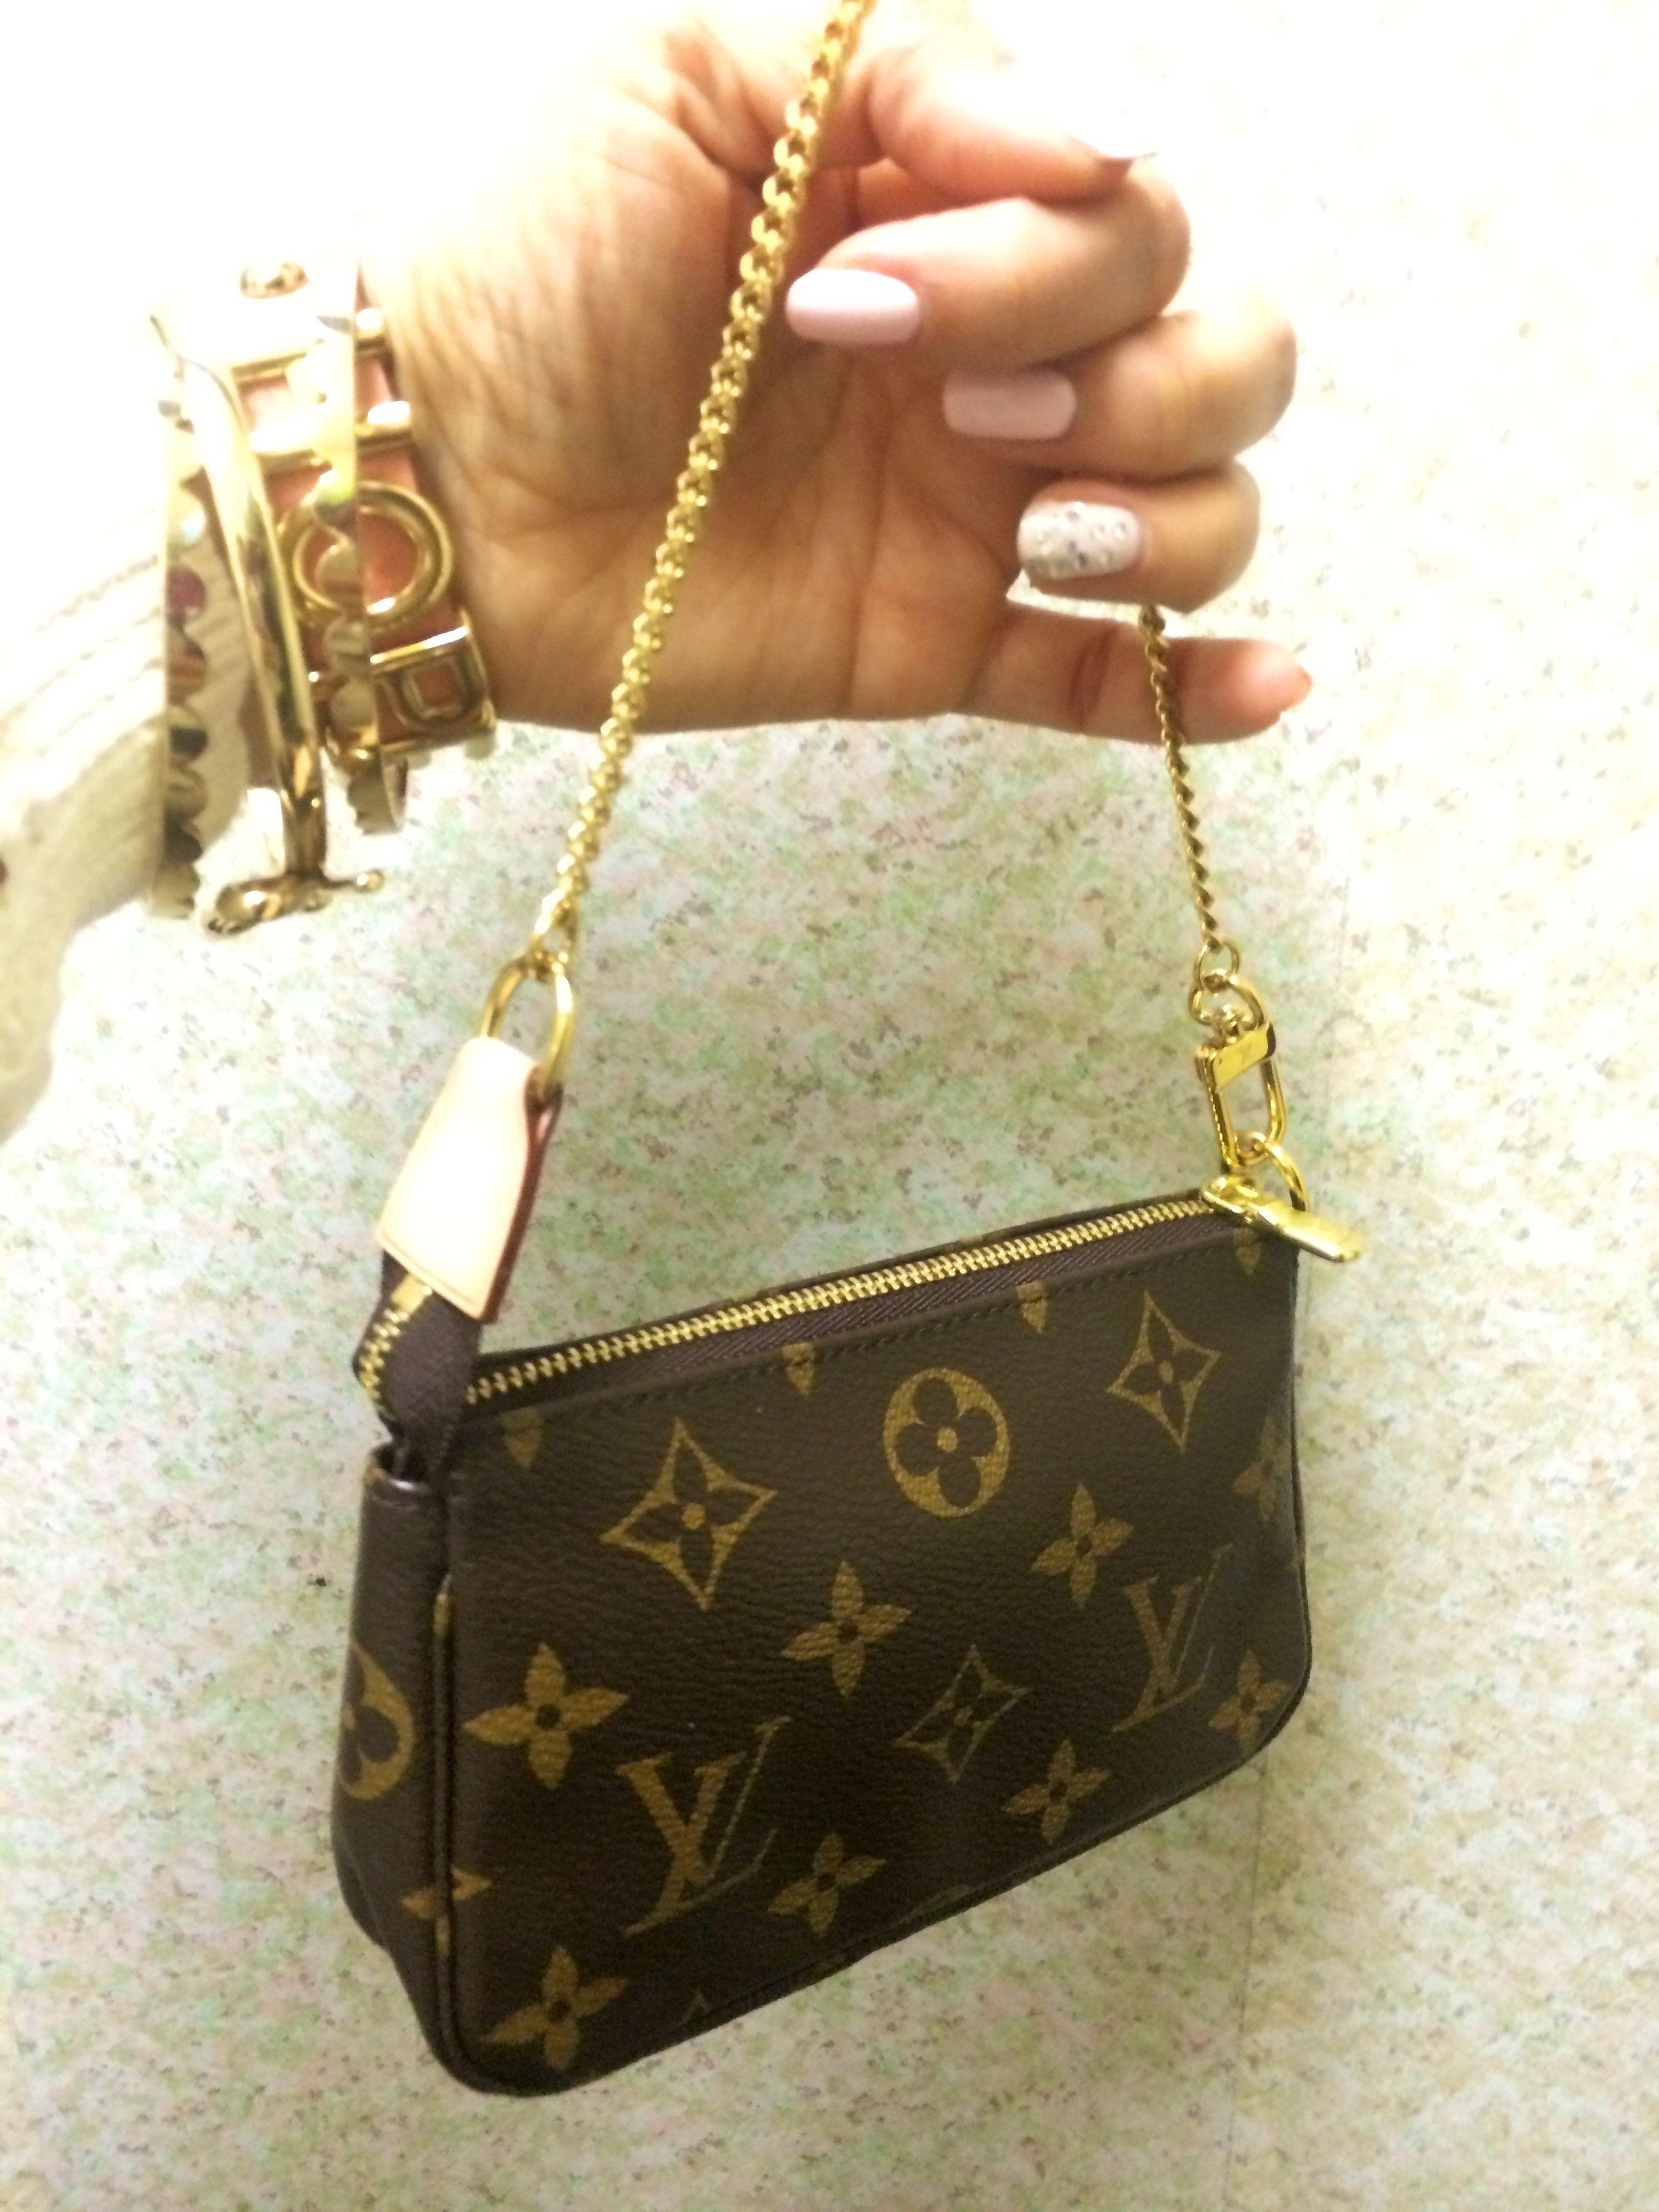 cfd5a6a21748 Louis Vuitton Mini Pochette. Louis Vuitton Mini Pochette Louis Vuitton Mini  Pochette